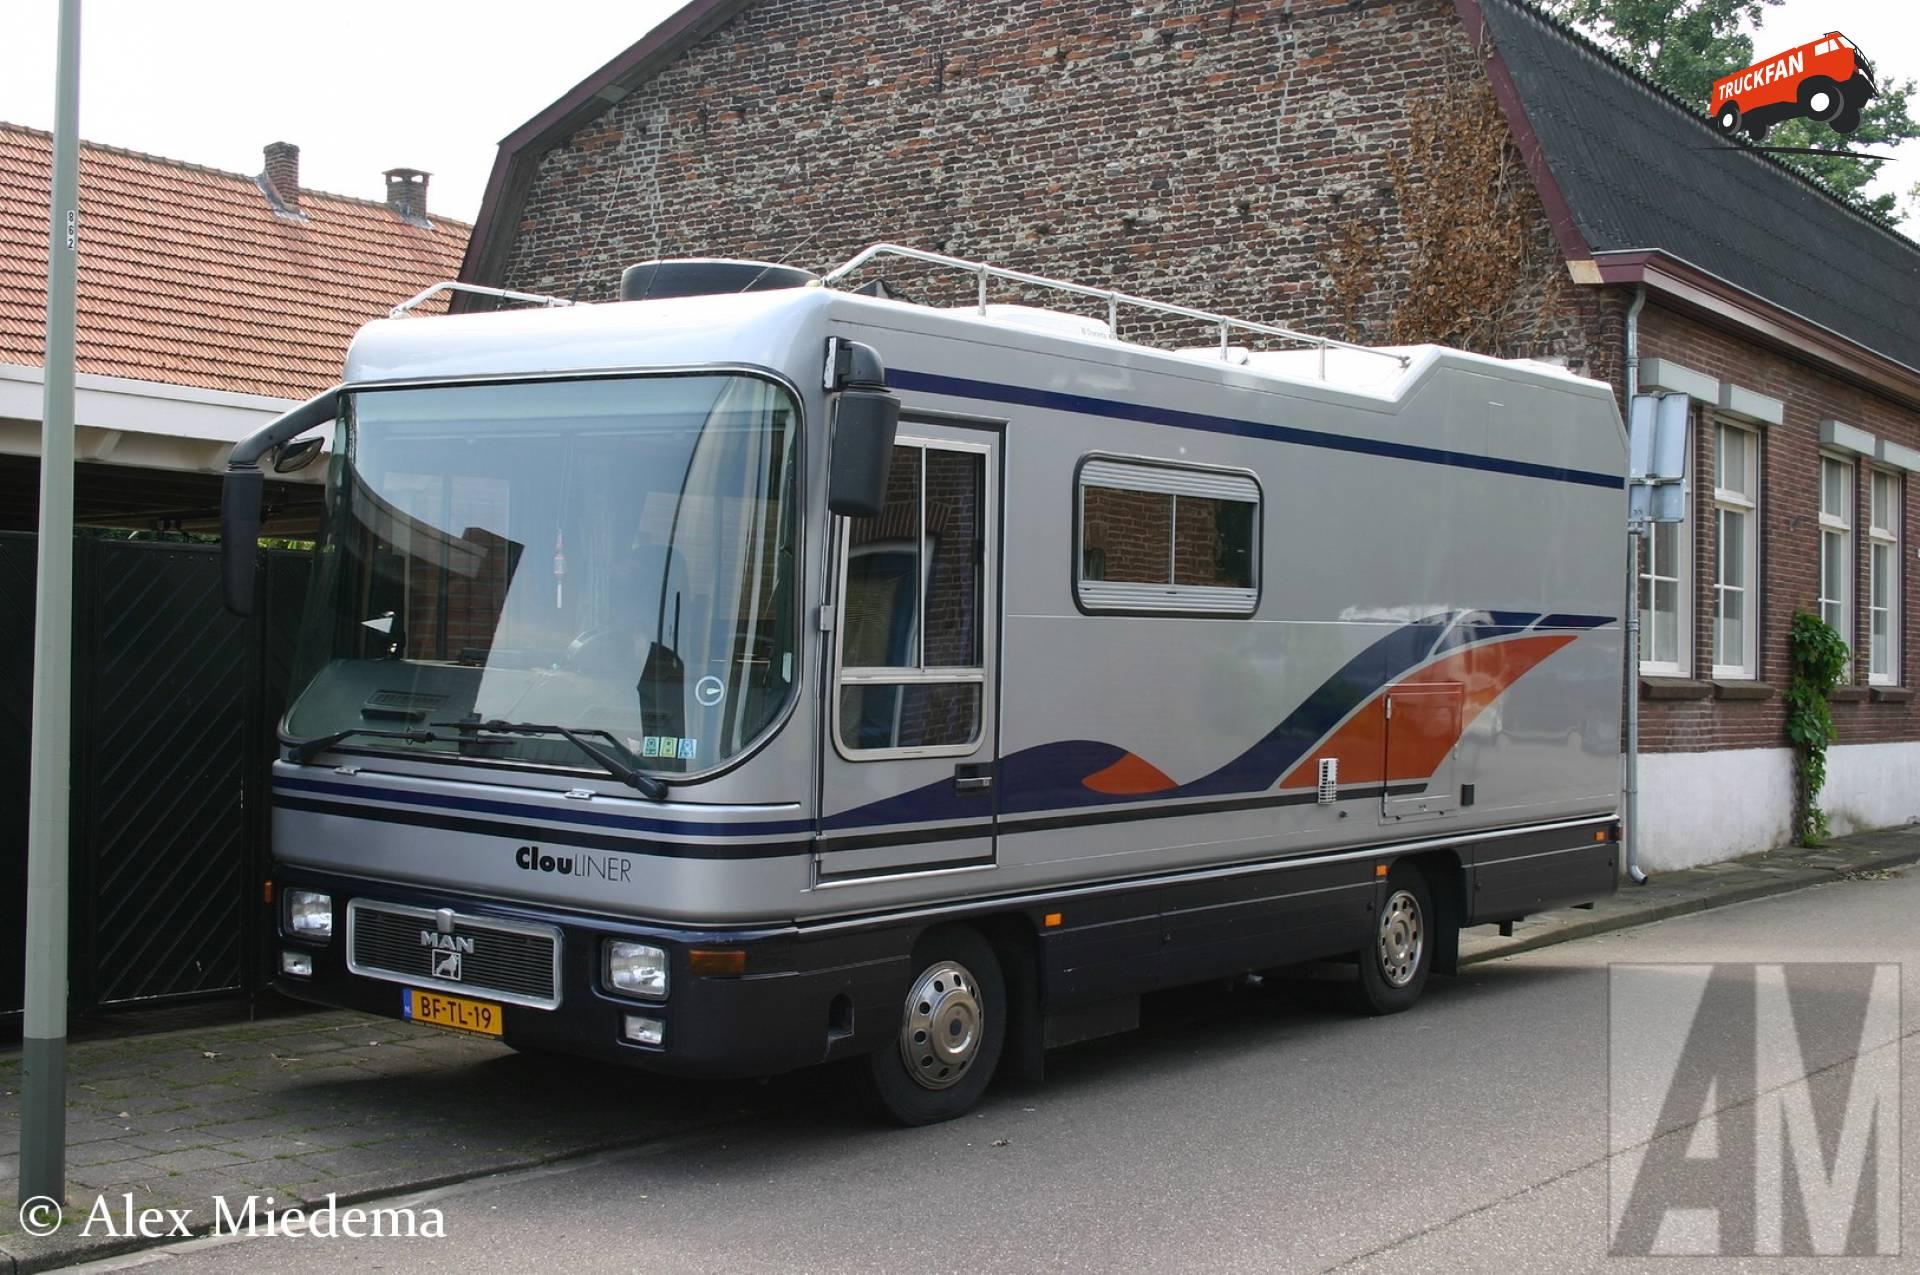 Clou Liner camper